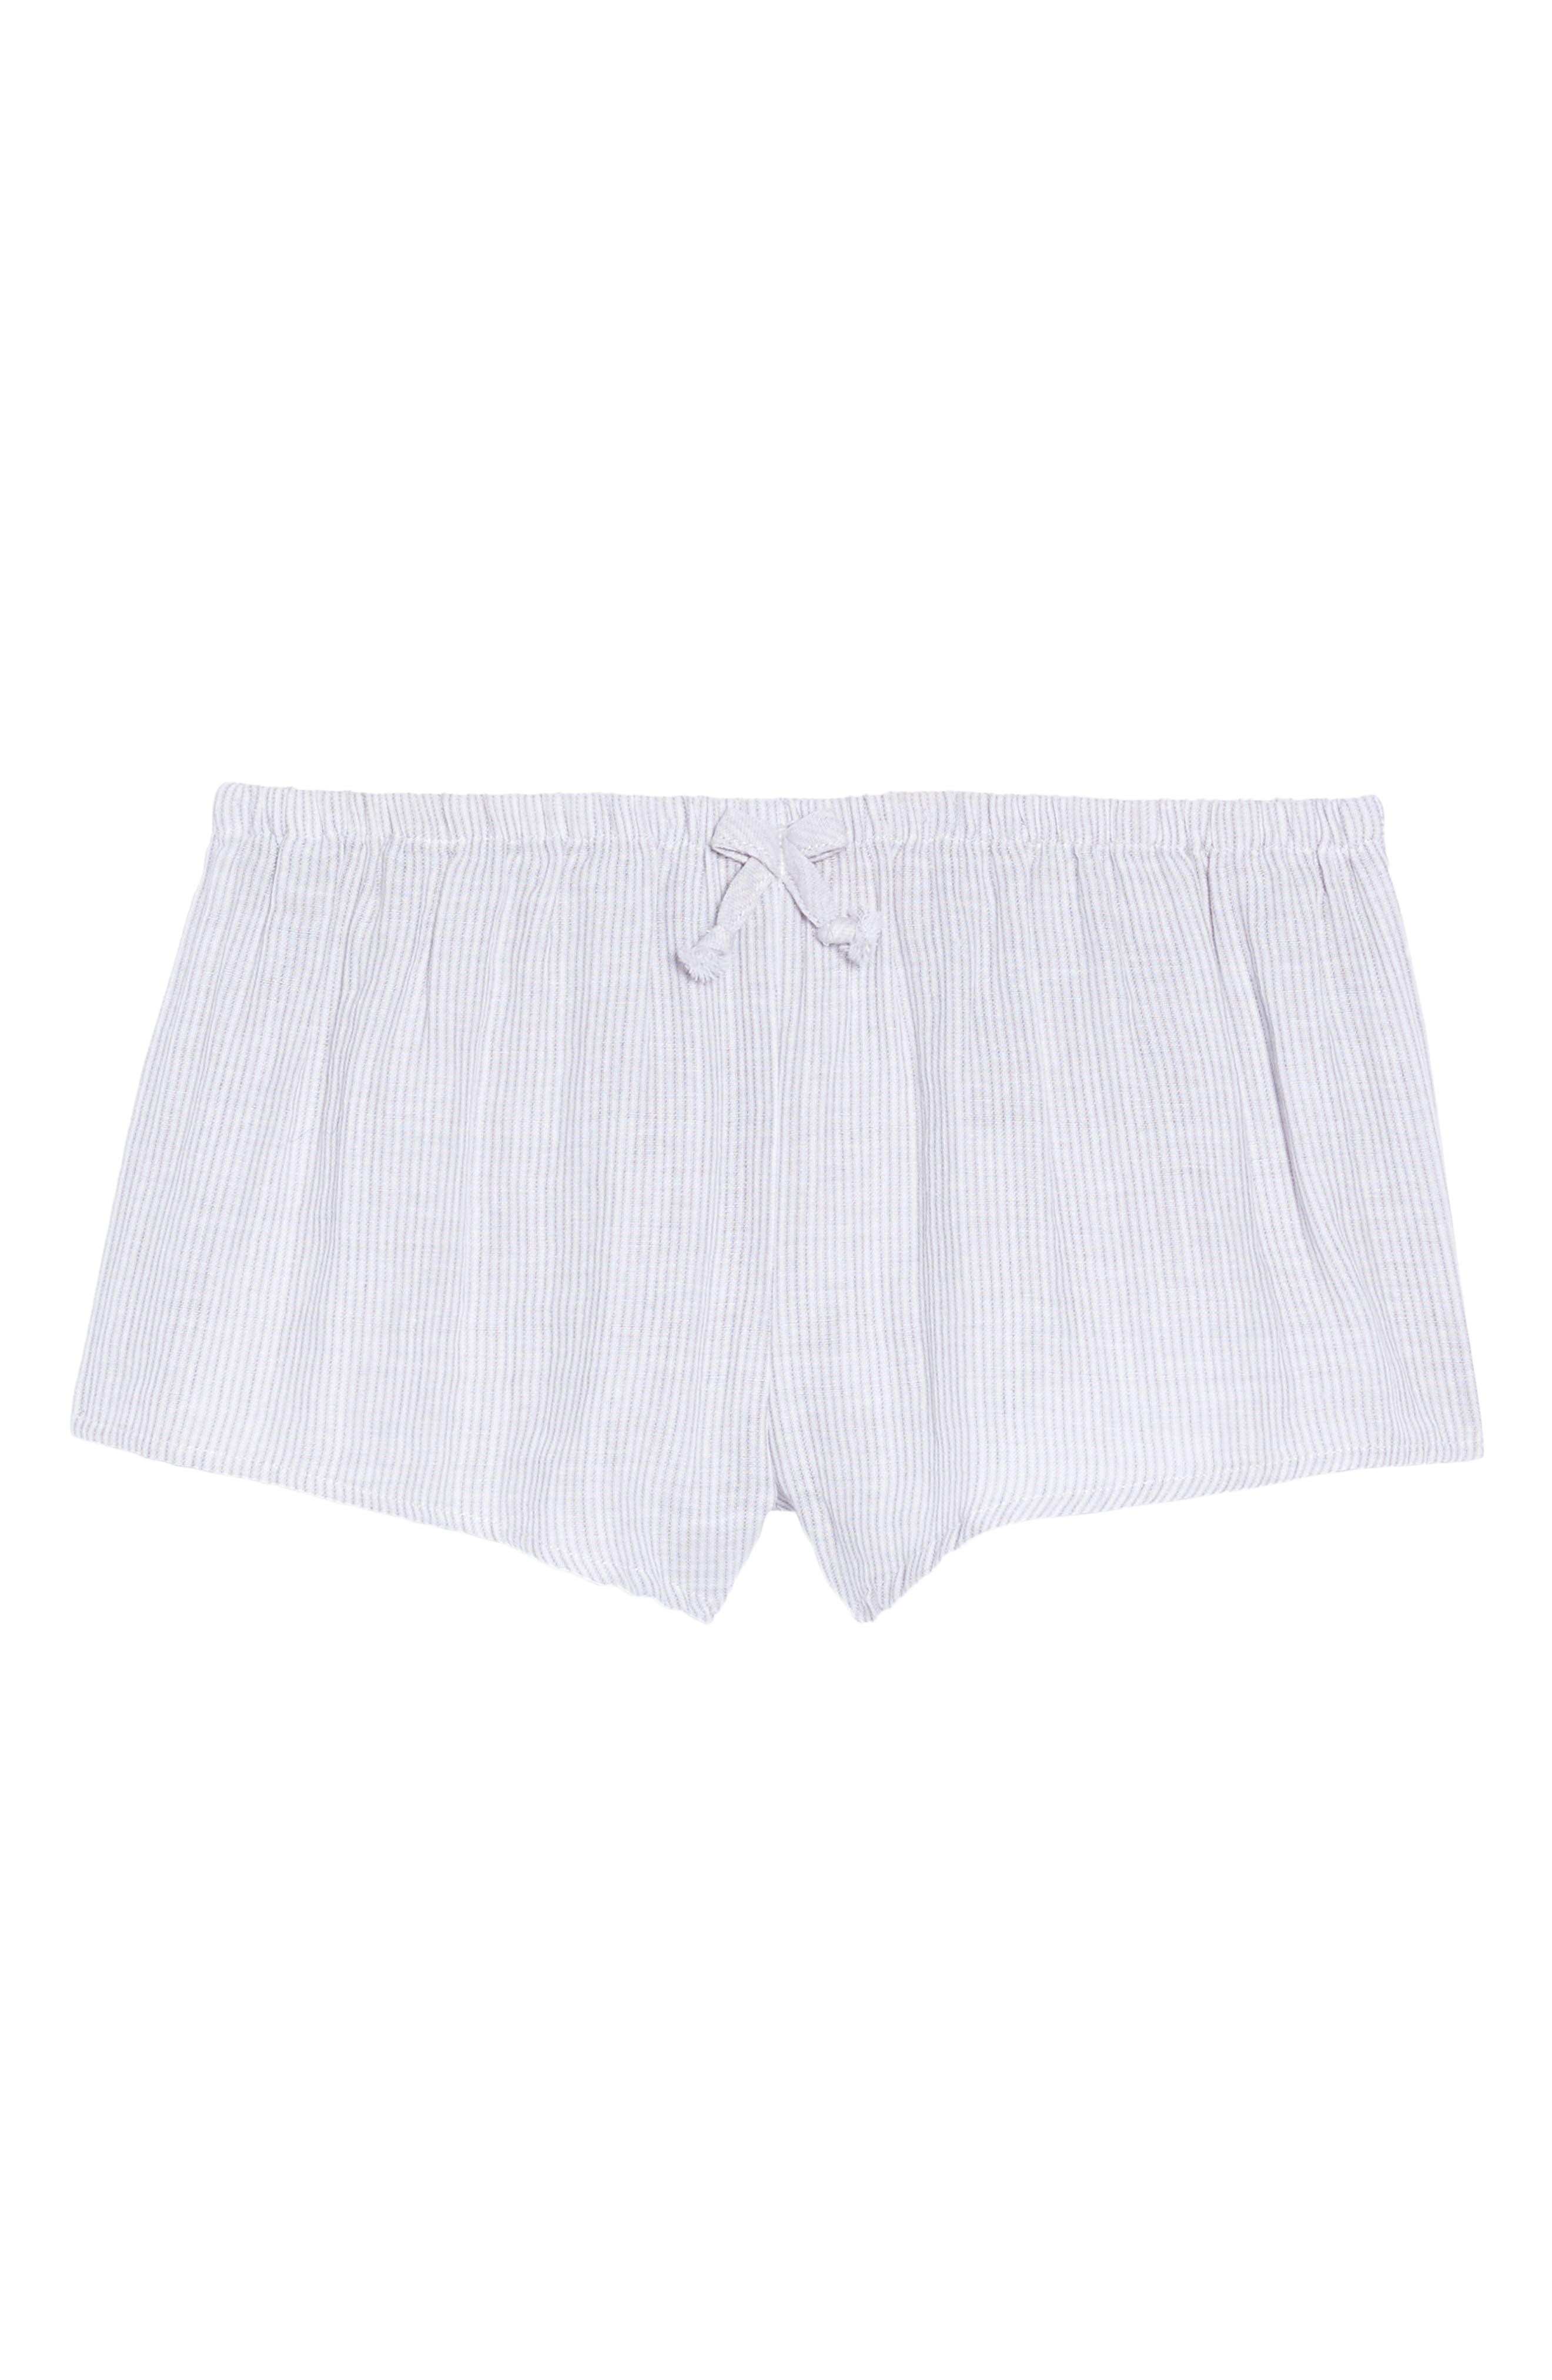 Stripe Pajama Shorts,                             Alternate thumbnail 6, color,                             021